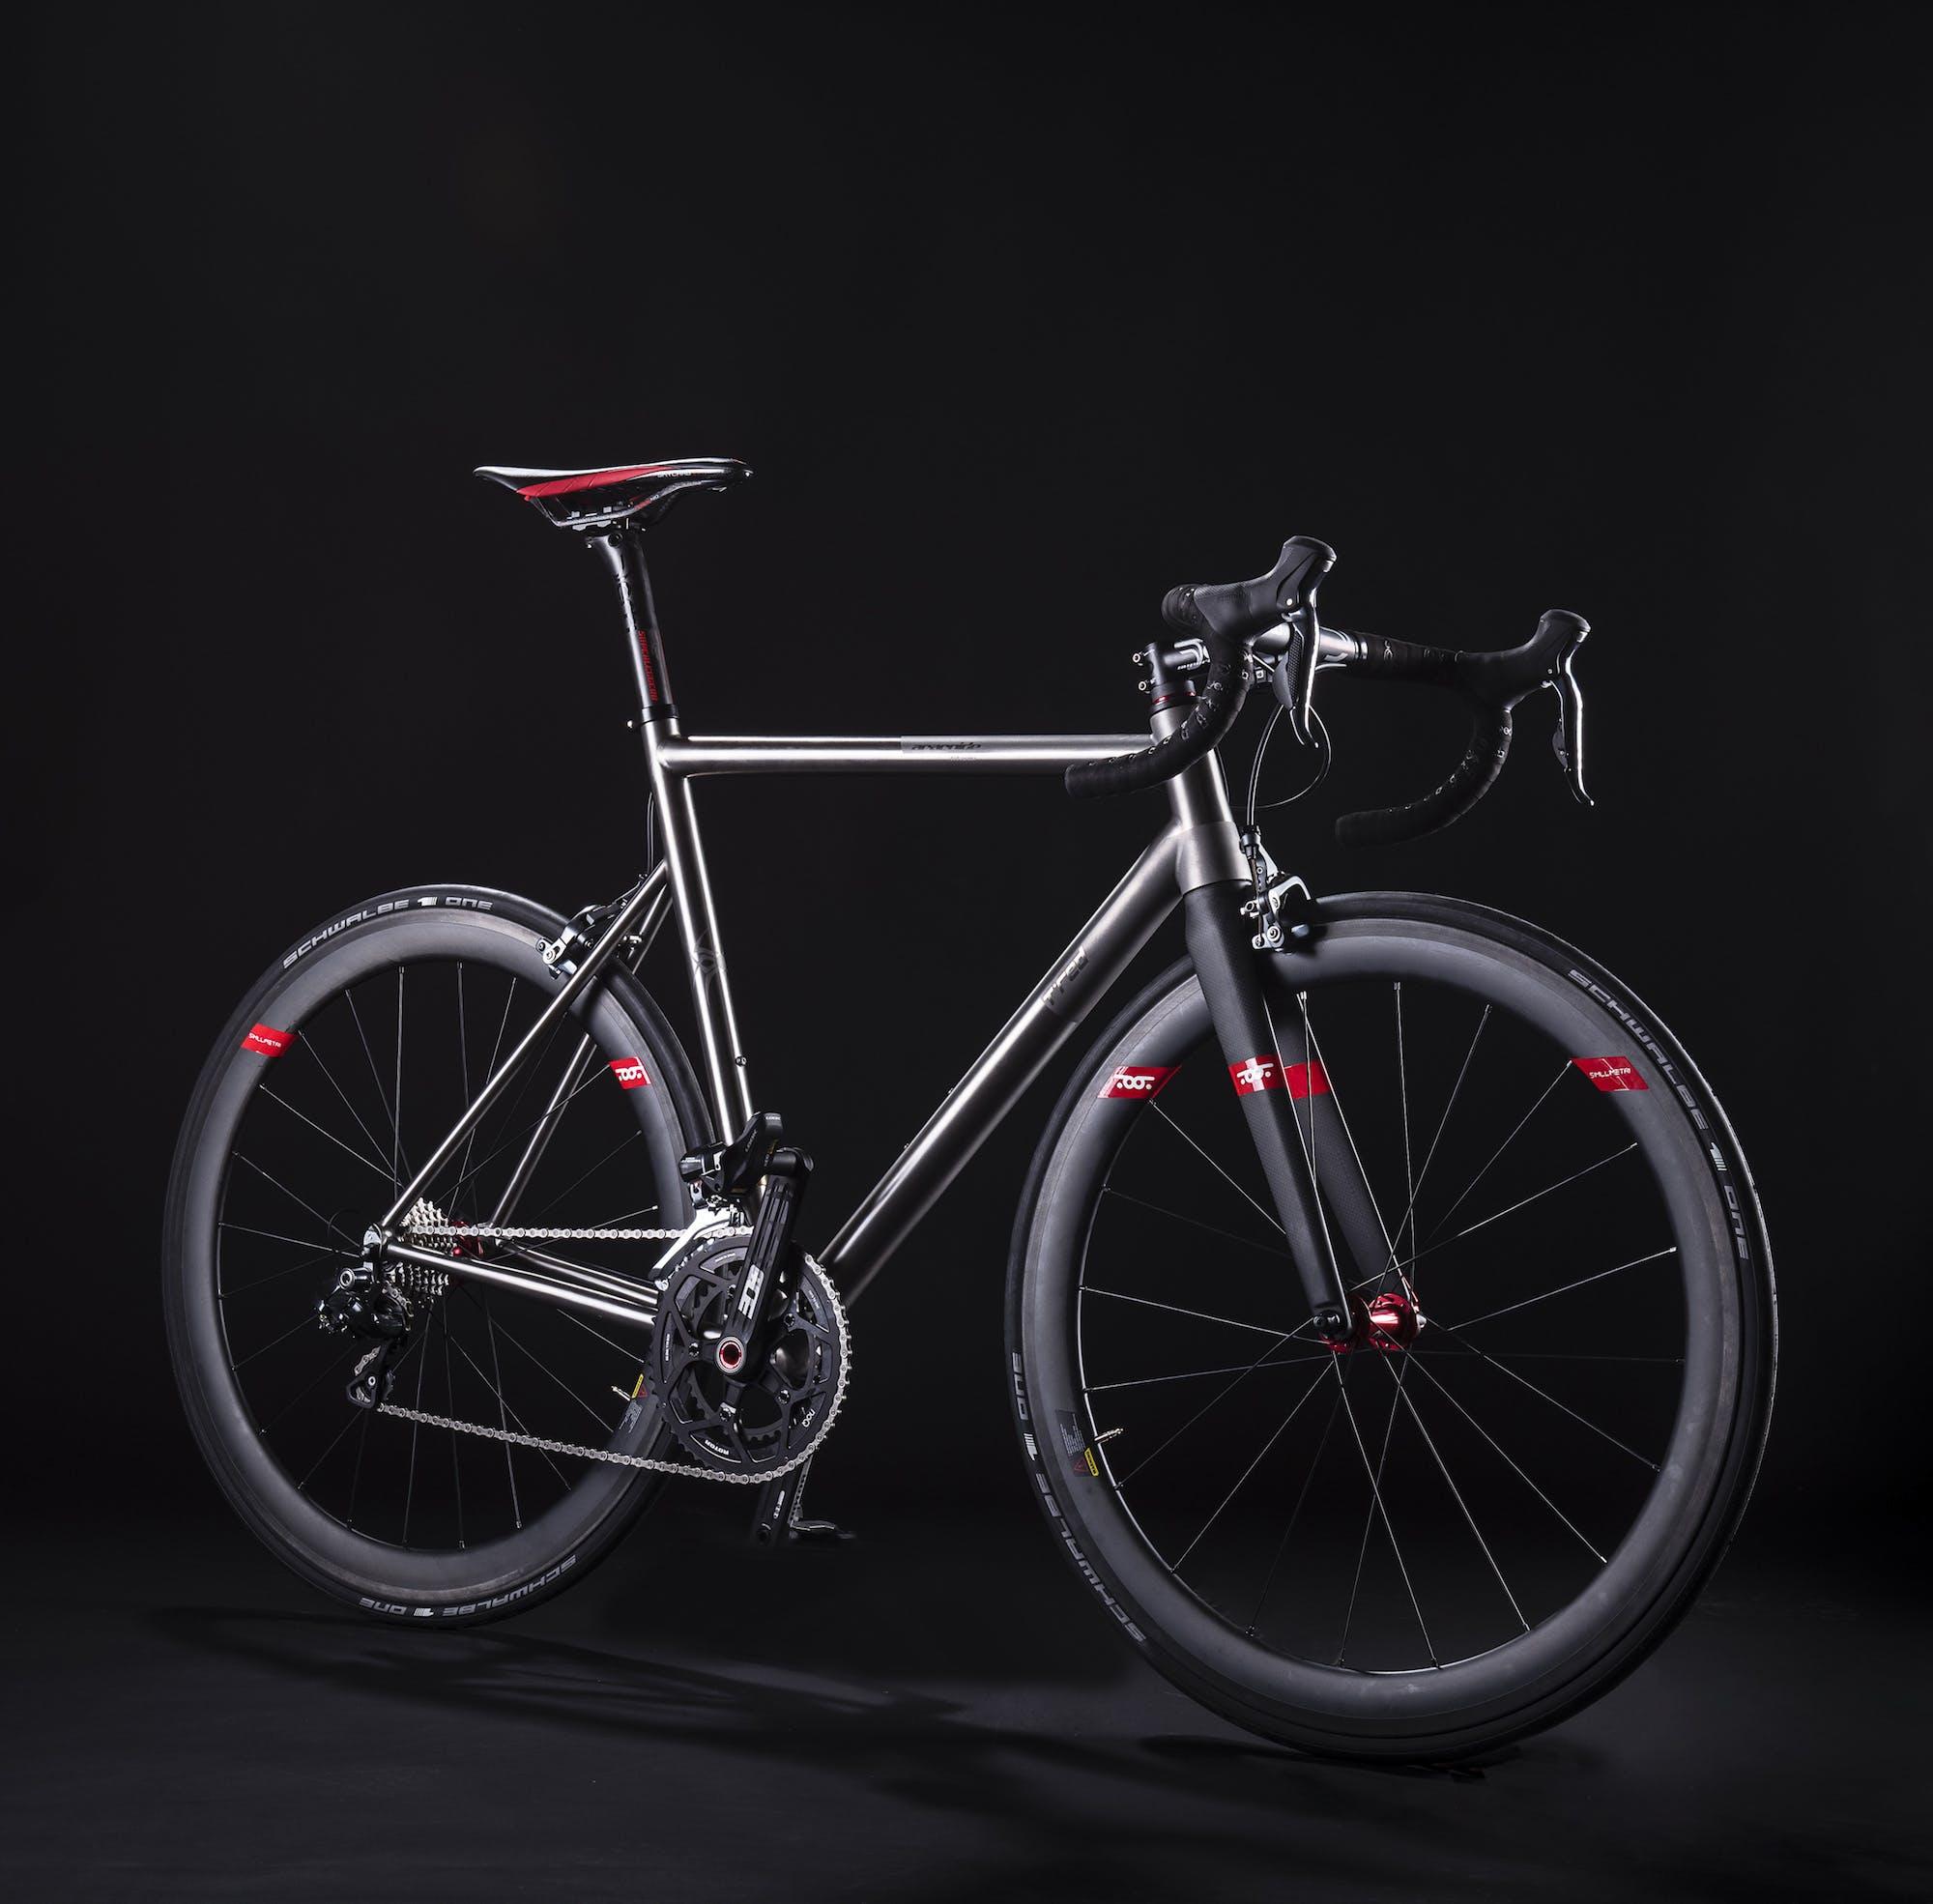 10-bici_-aracnide_race